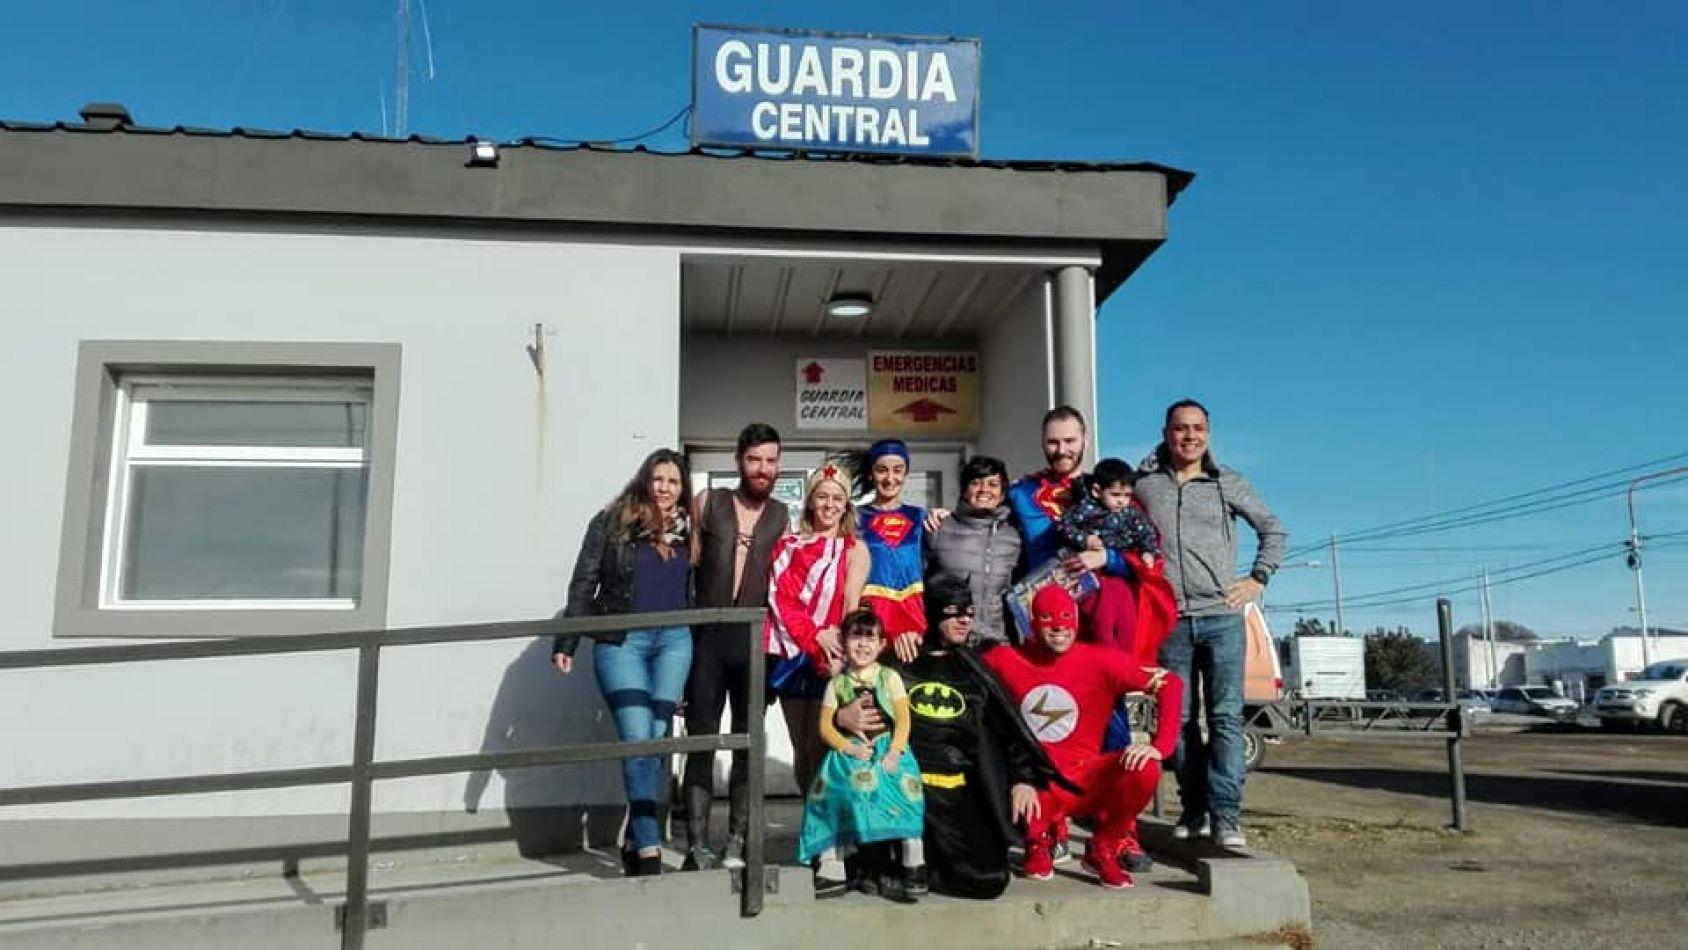 Los superhéroes visitaron a niños internados